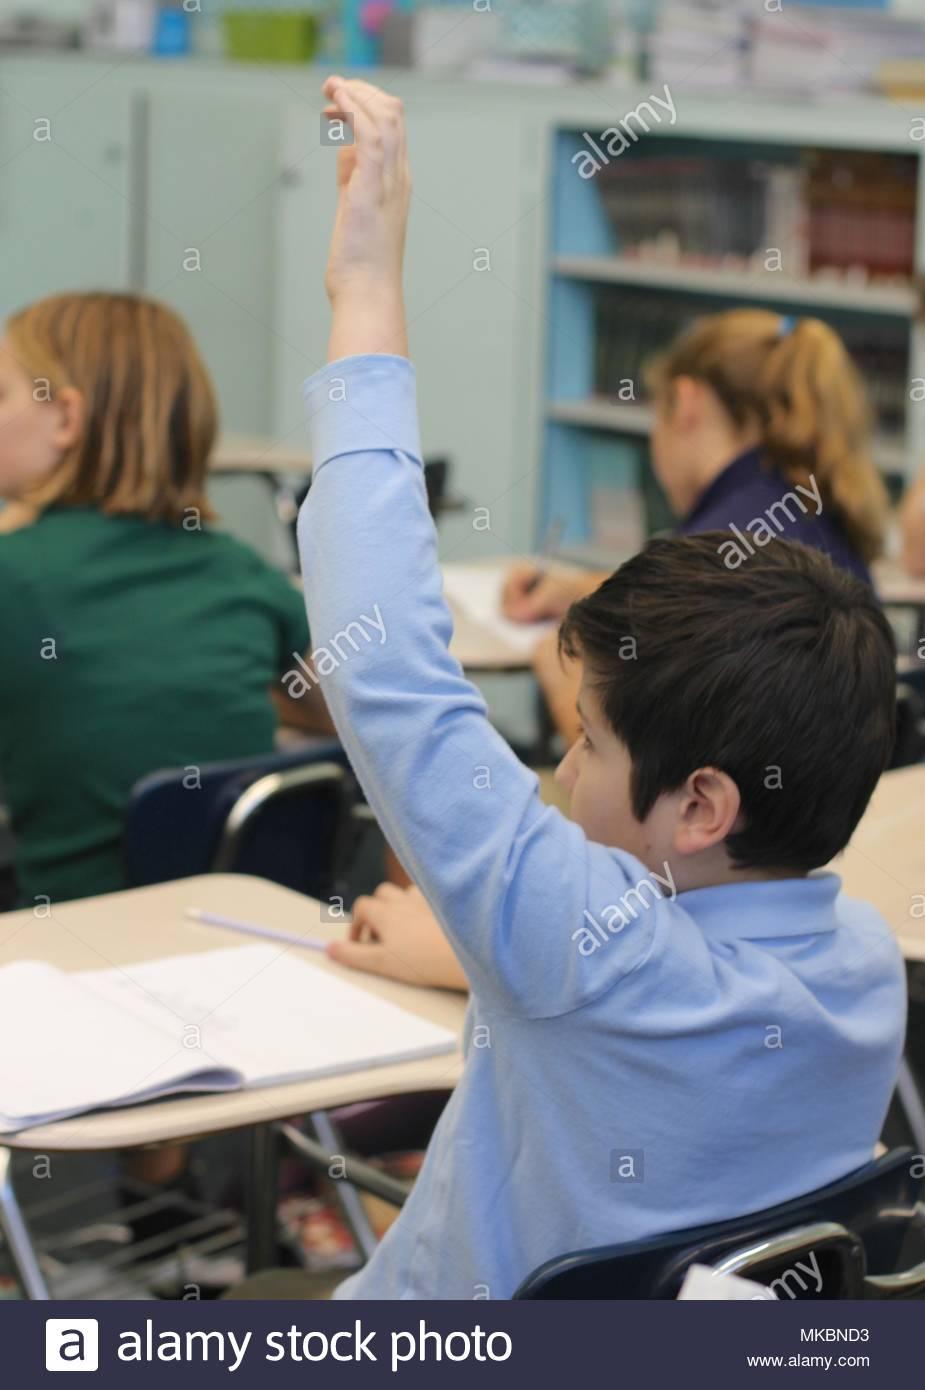 Yakima, Washington/USA - 30. Oktober 2017: ein Klassenzimmer der mittleren Schule Kinder beteiligen und konzentrieren Sie sich auf Ihre Arbeit in der Schule. Stockbild